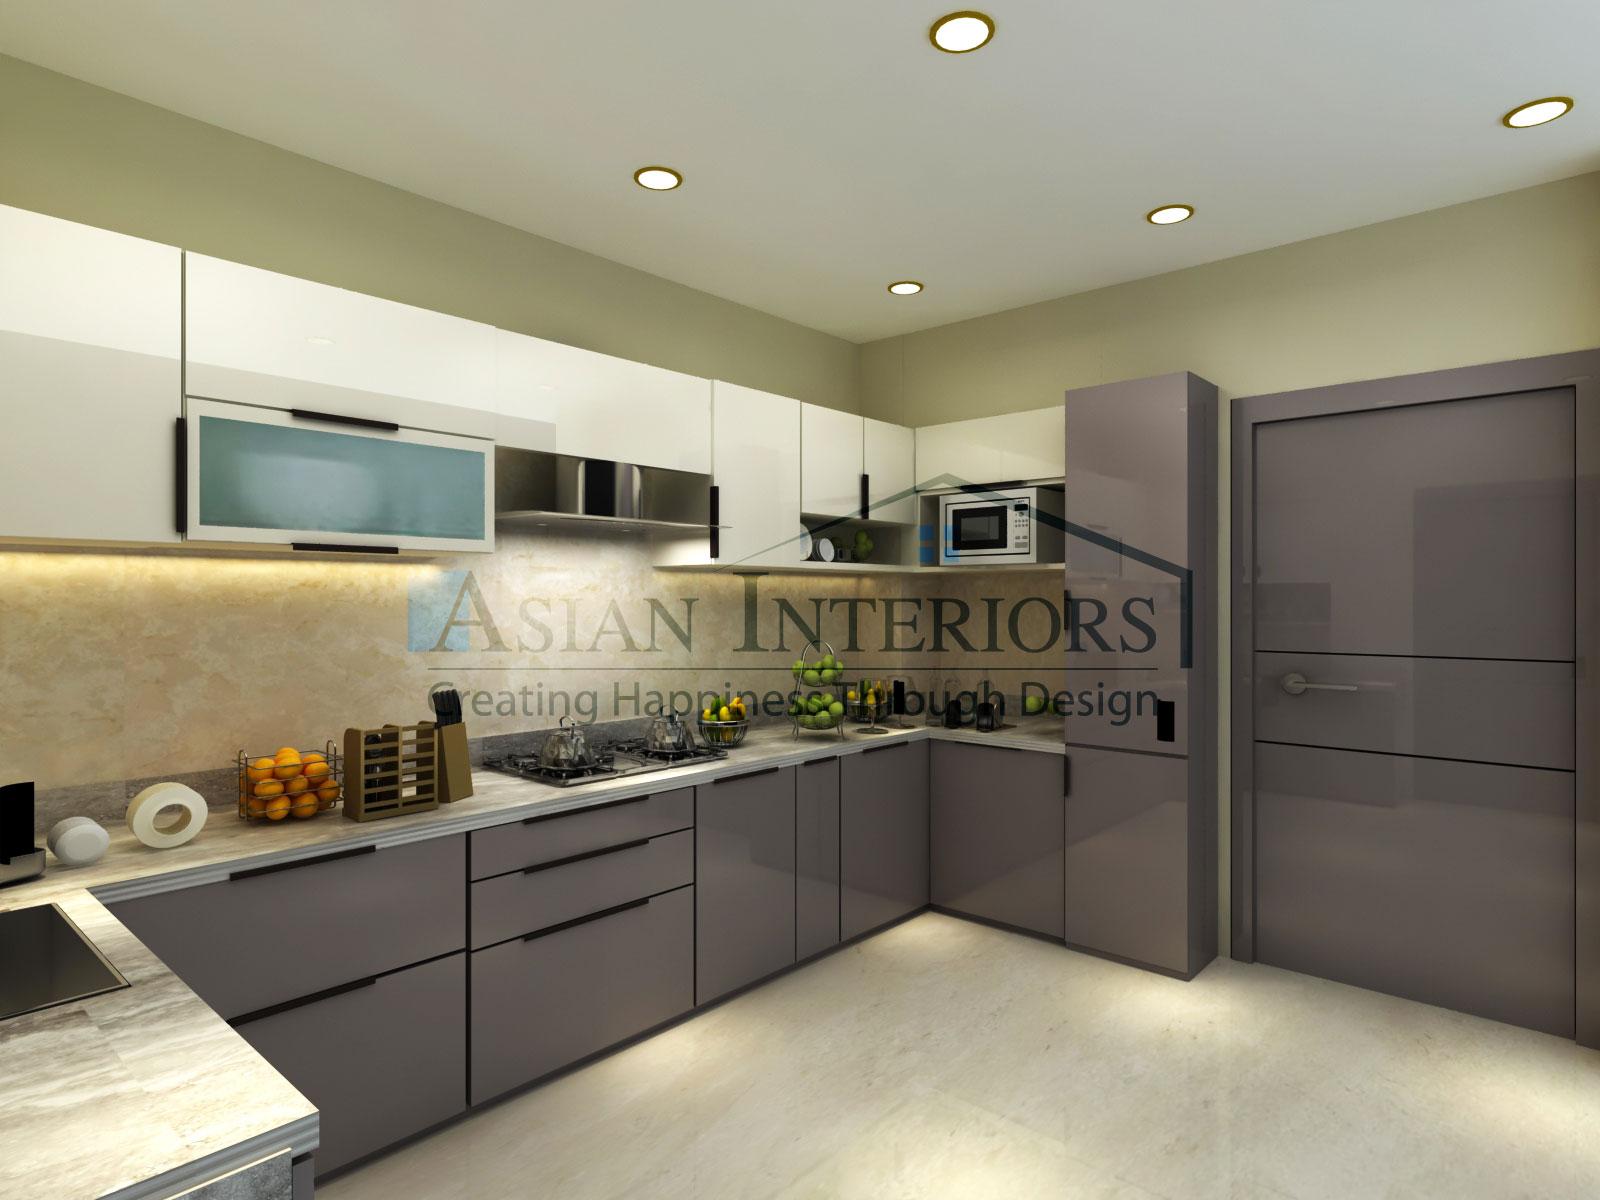 Asian-Interiors-Kitchen26